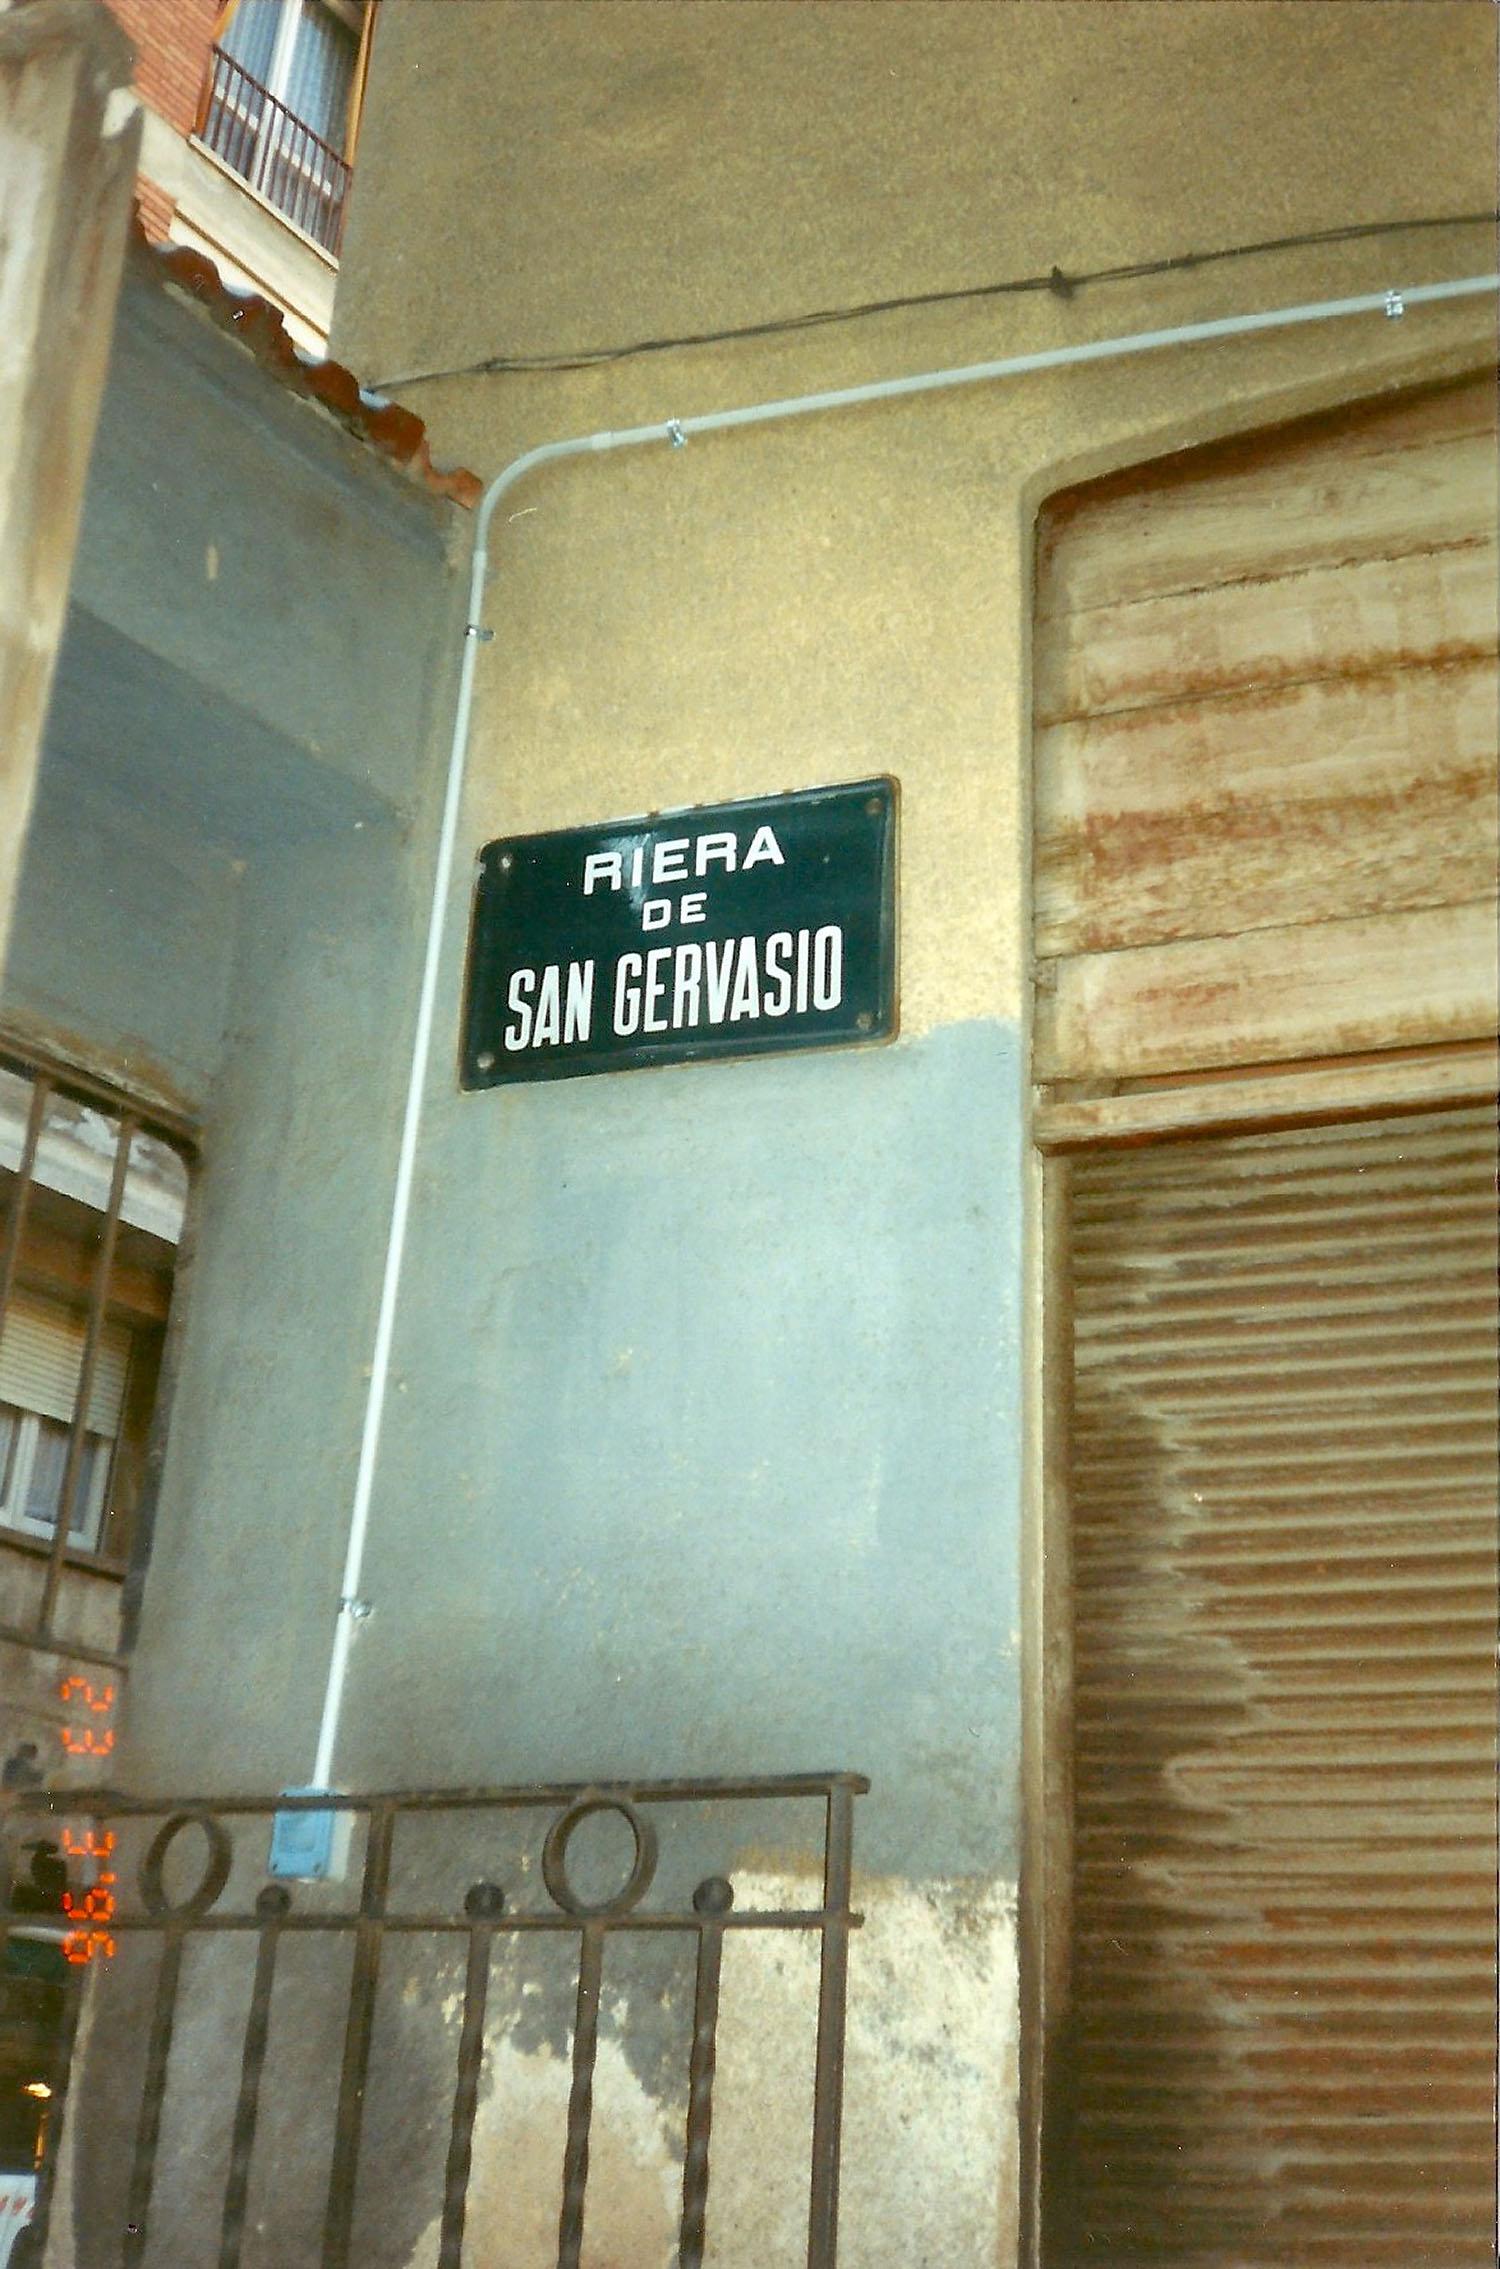 Un indici de la riera: placa del carrer Laforja. Fotografia de Pep Arisa